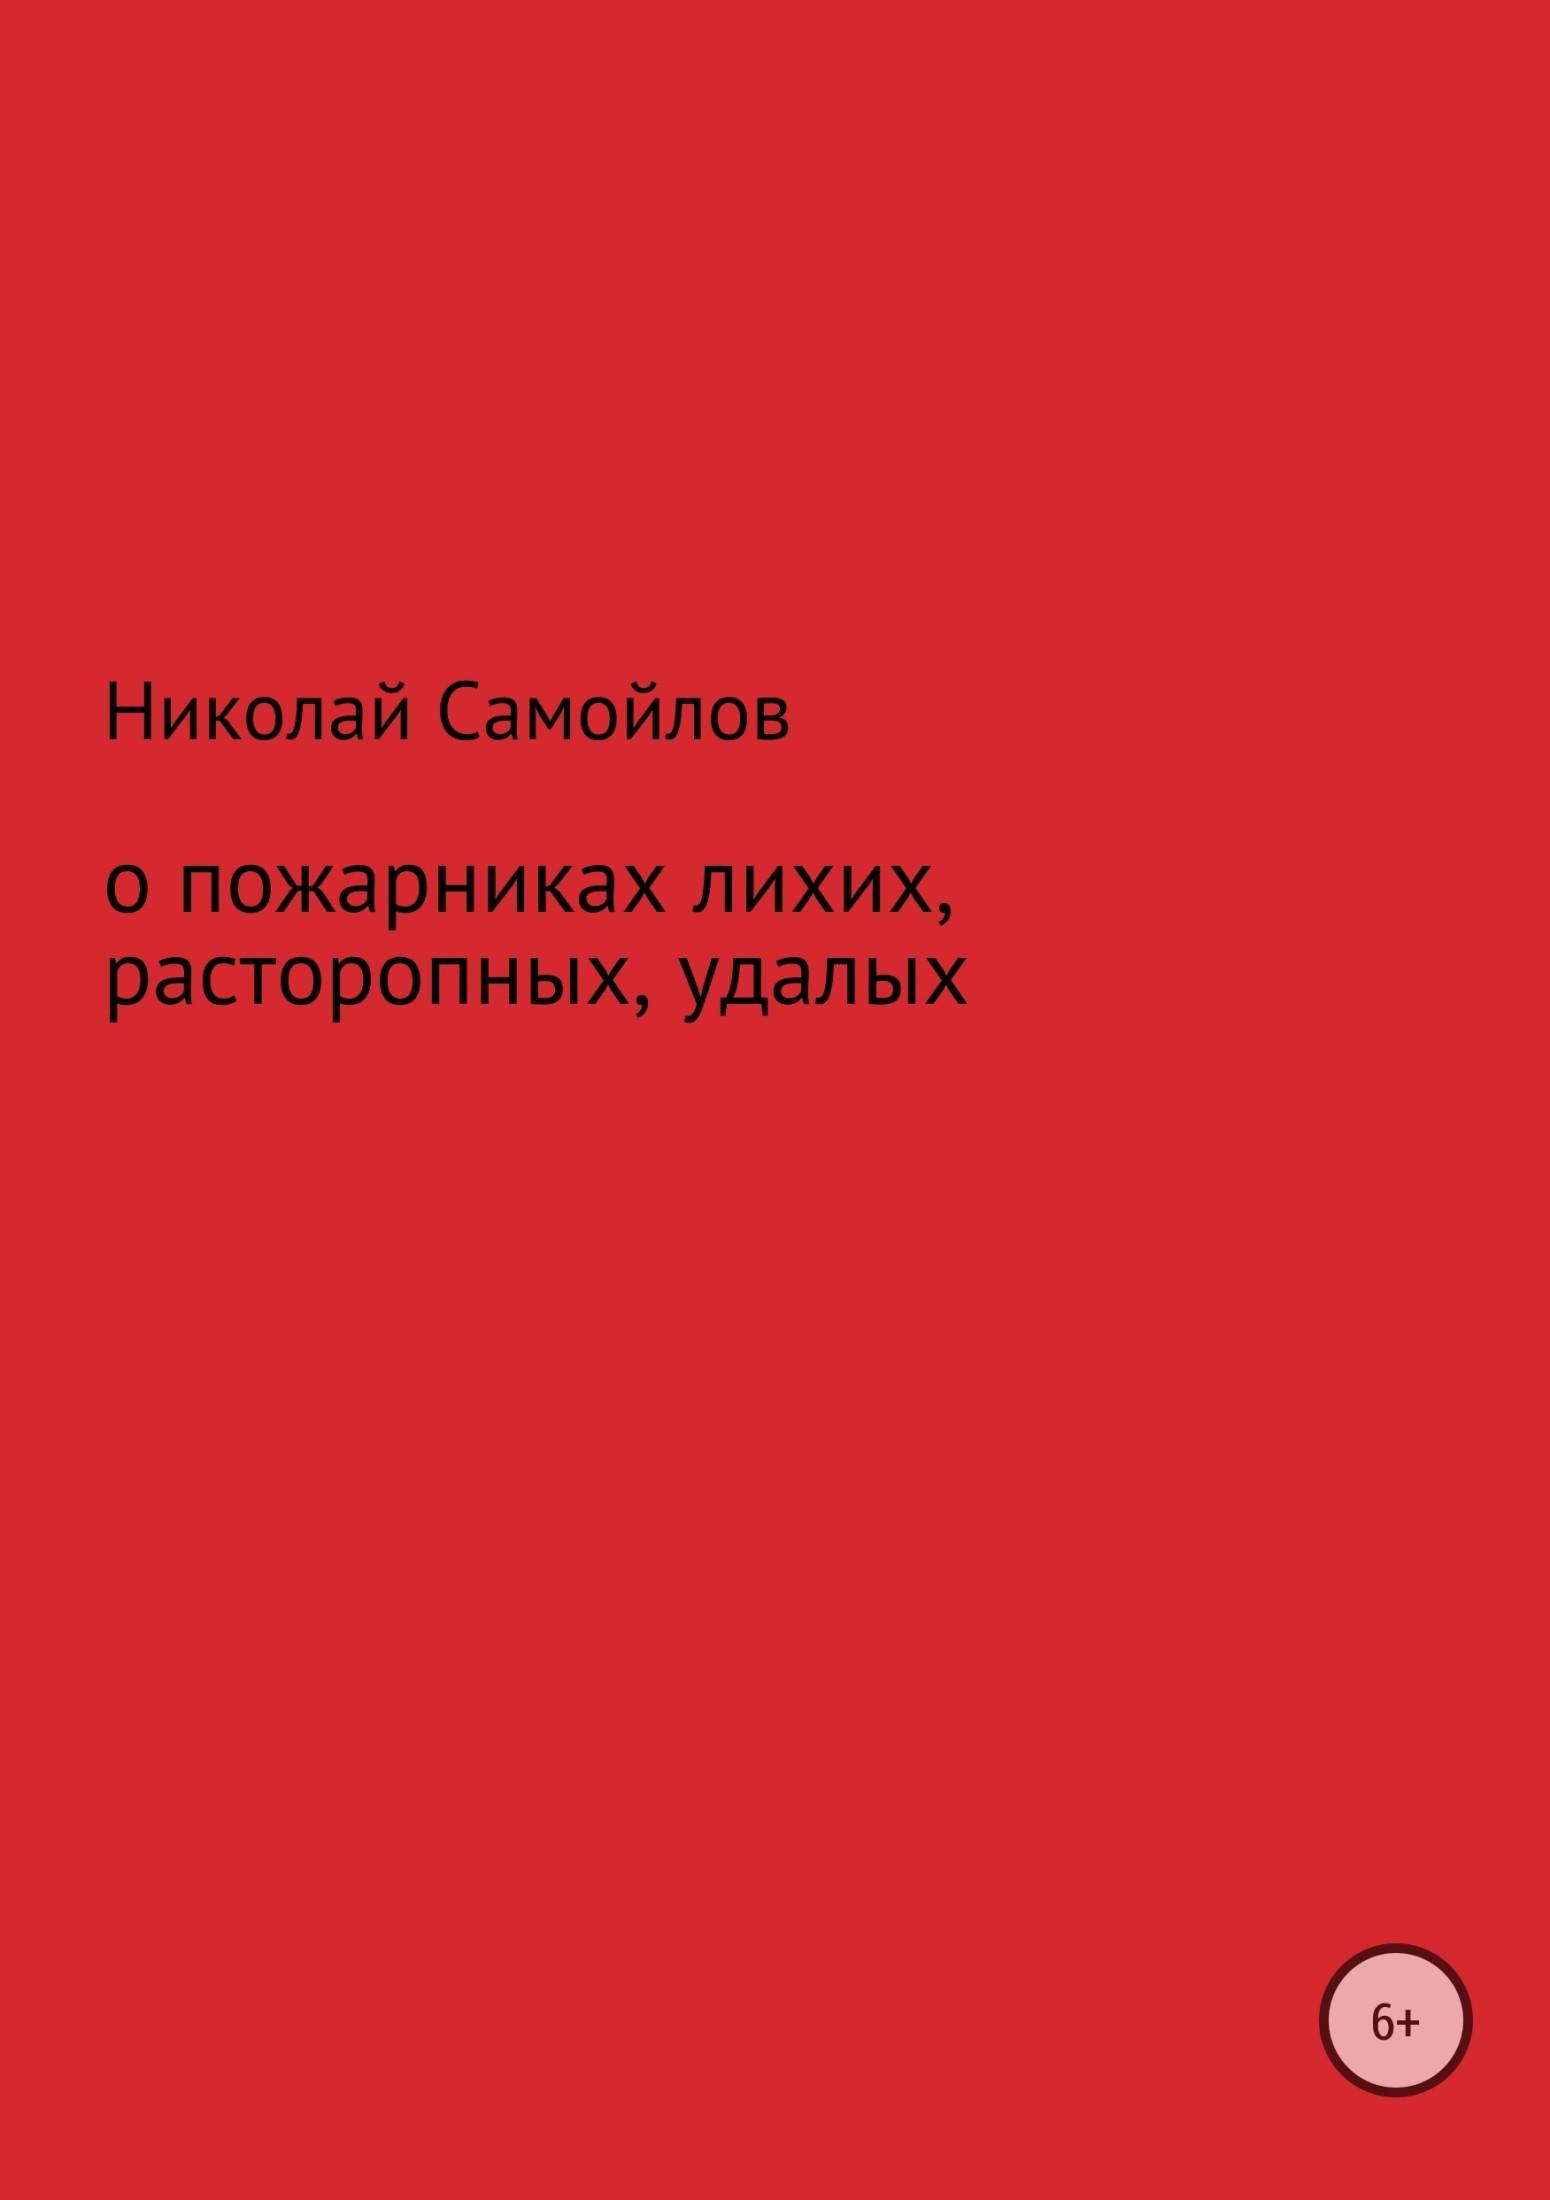 Николай Николаевич Самойлов О пожарниках лихих, расторопных, удалых николай николаевич самойлов о россии и её власти